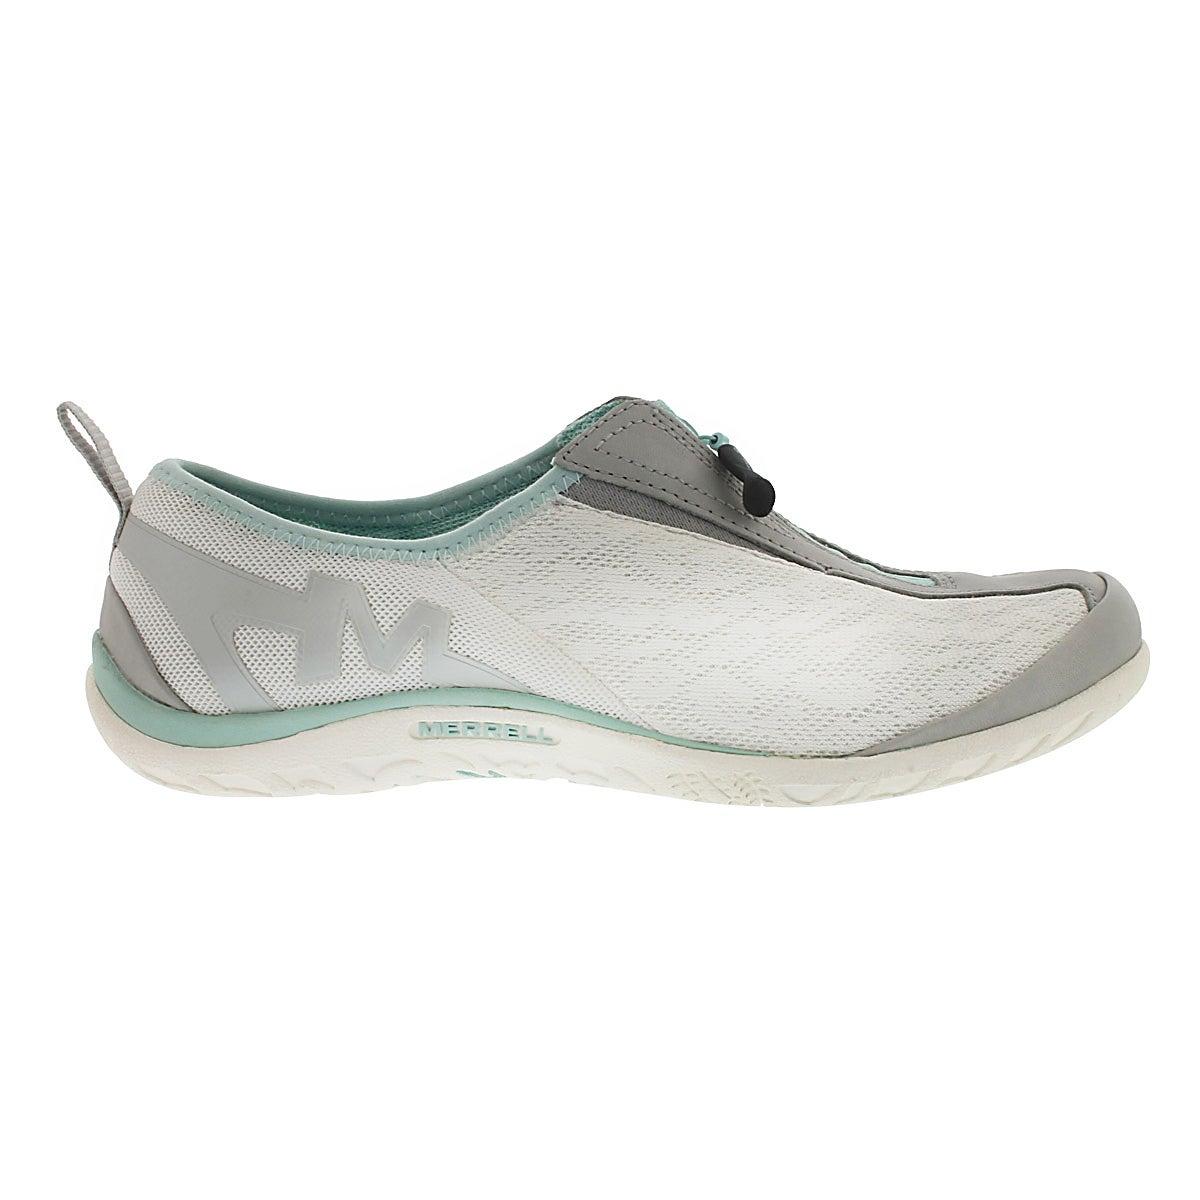 Lds Glitz Breeze white zipper slip on